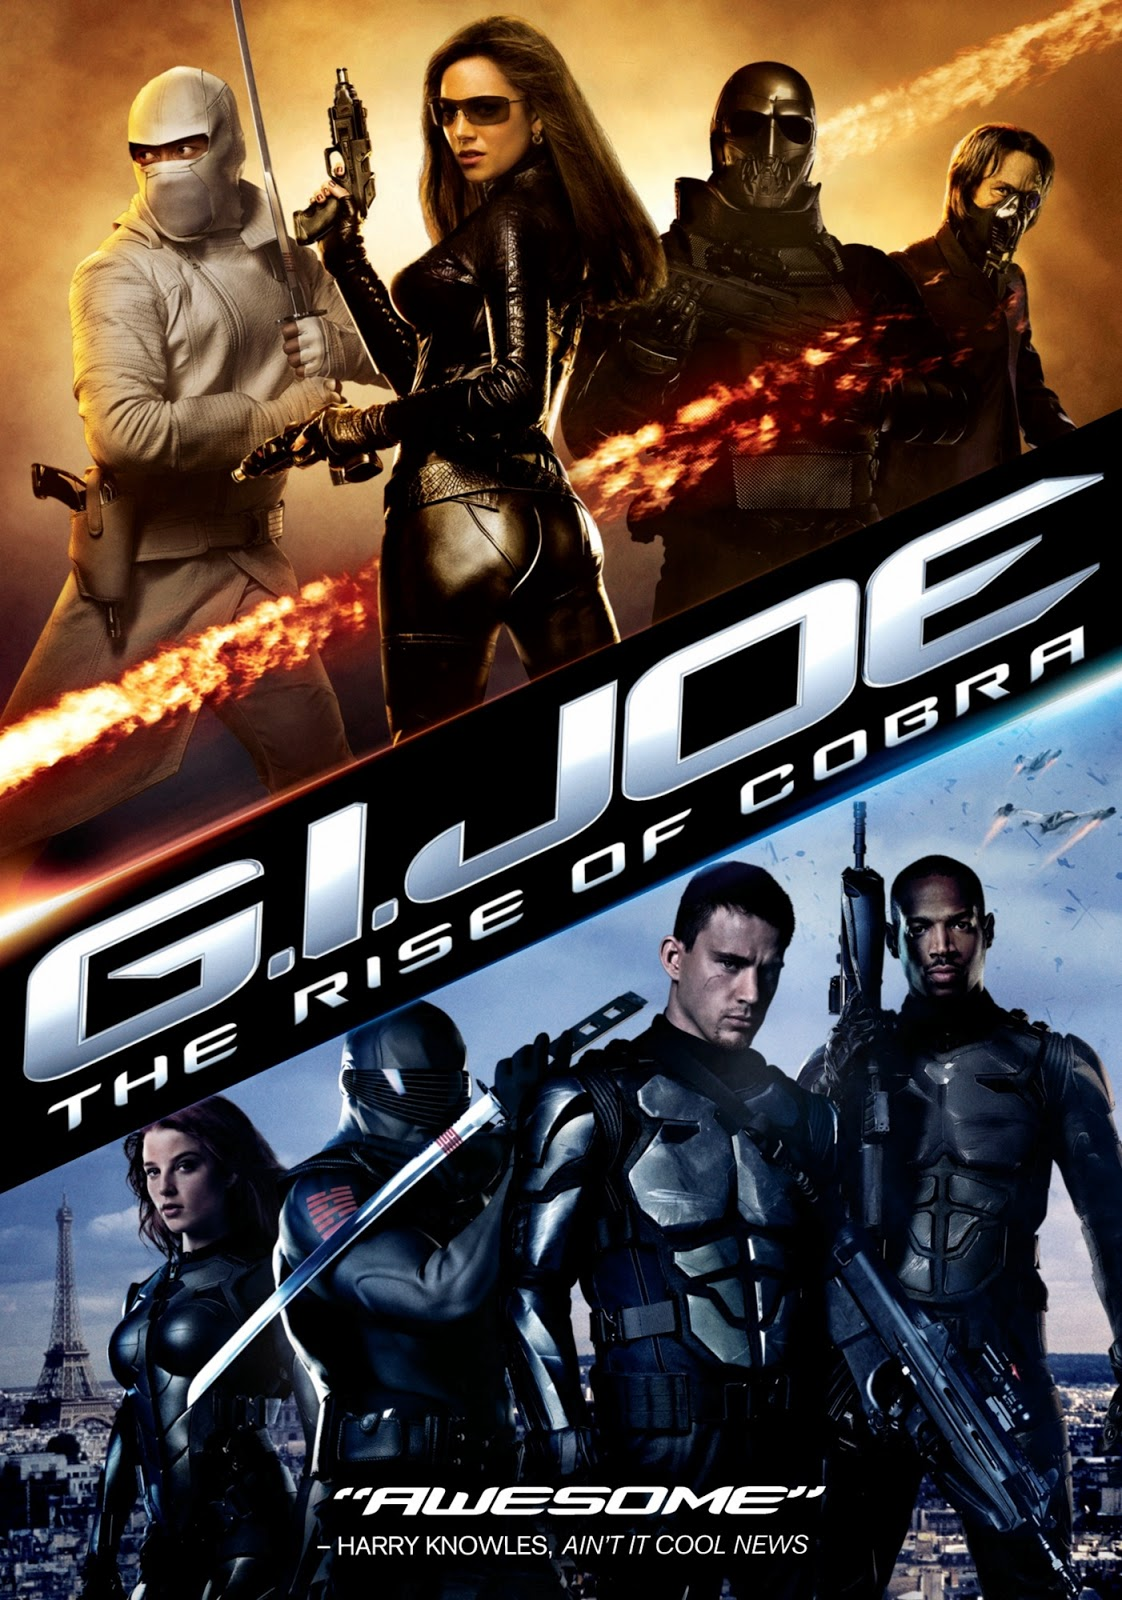 G.I. Joe